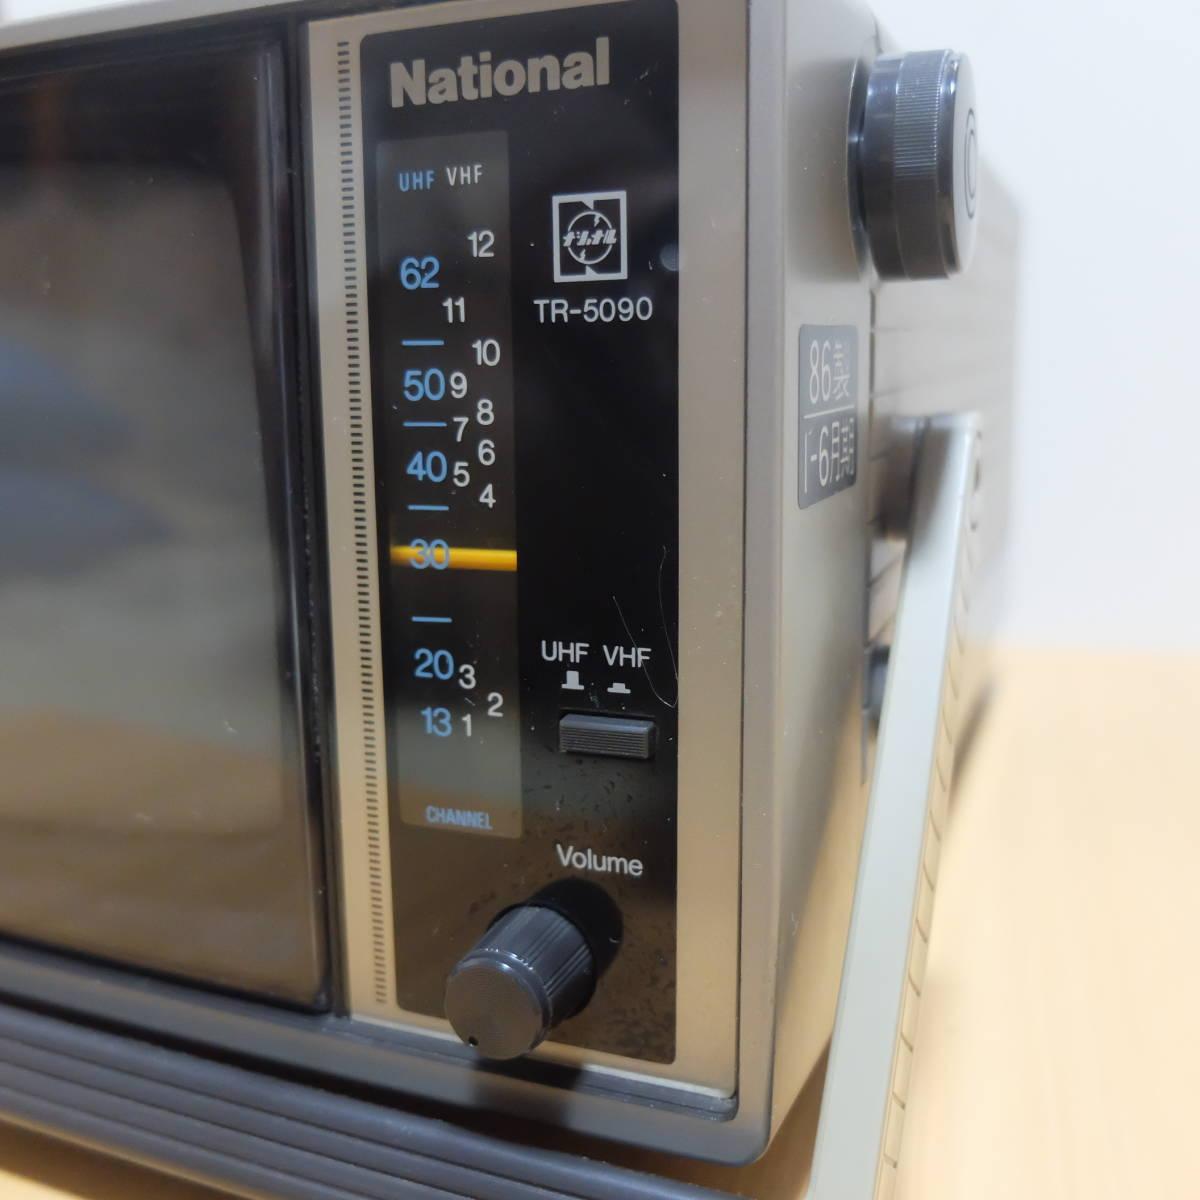 ポータブル 5型 白黒テレビ National ナショナル TR-5090 レトロ品 アンティーク_画像3